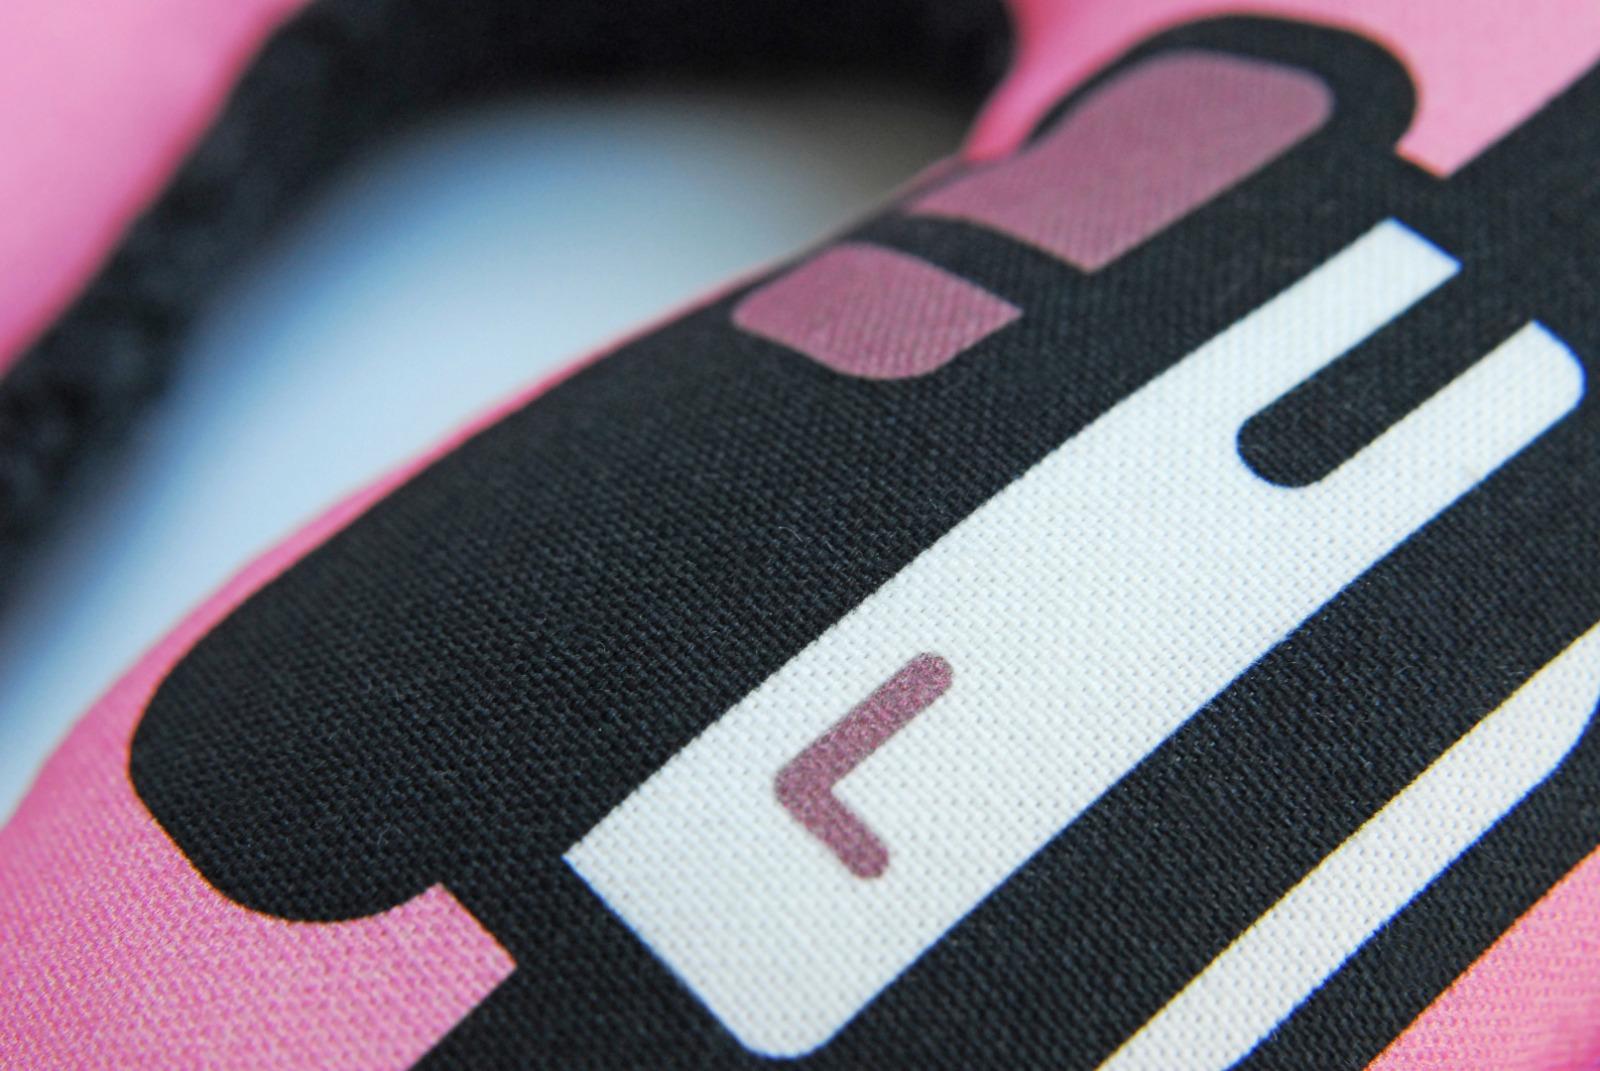 Kopfhörer Nackenkissen rosa KIDS - 4